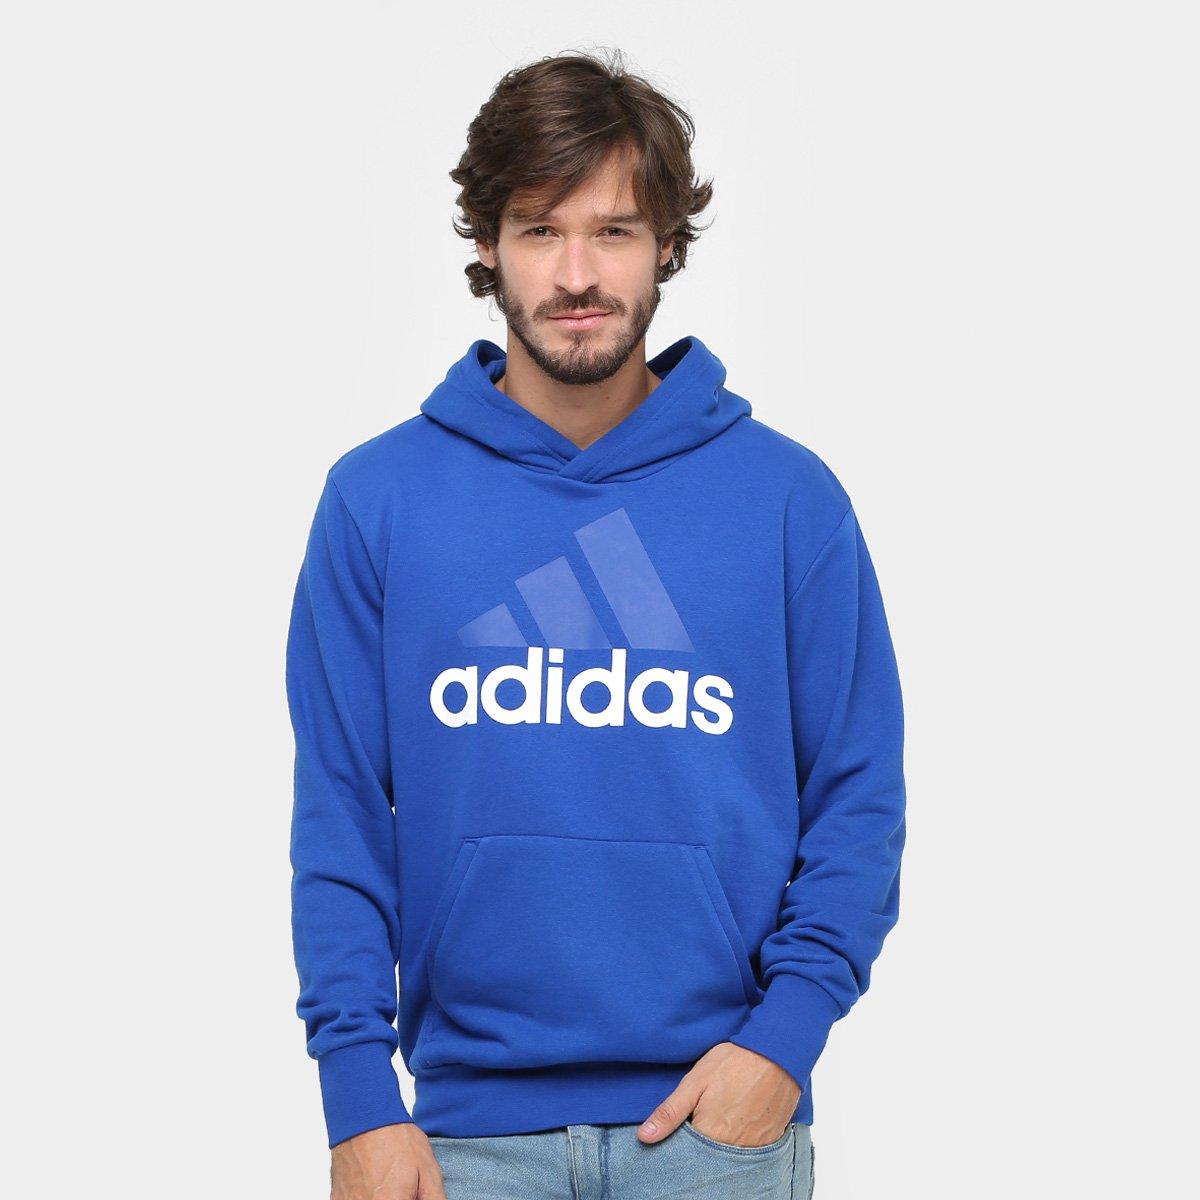 Moletom Adidas Essentials Linear Pullover French Terry C  Capuz - Azul e  Branco - Compre Agora  5acd1ef1225